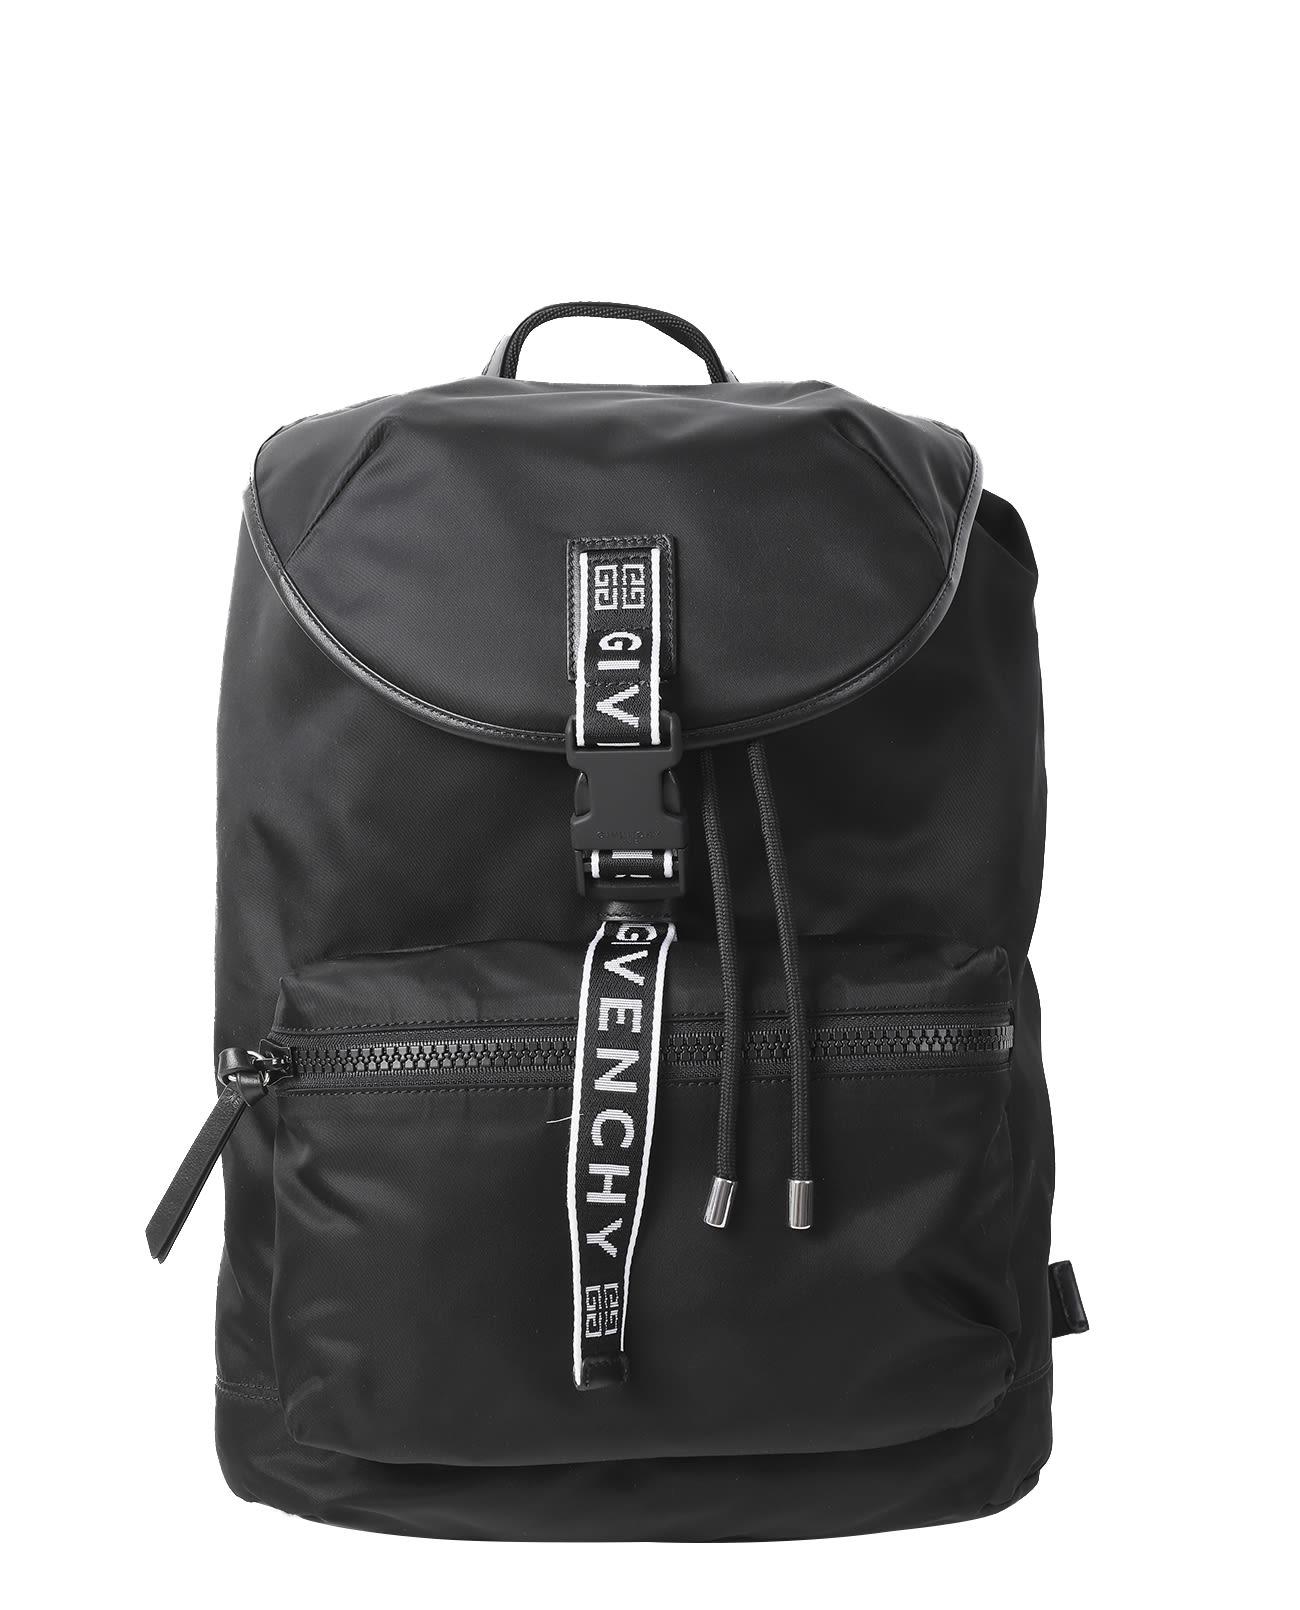 4g Packaway Backpack